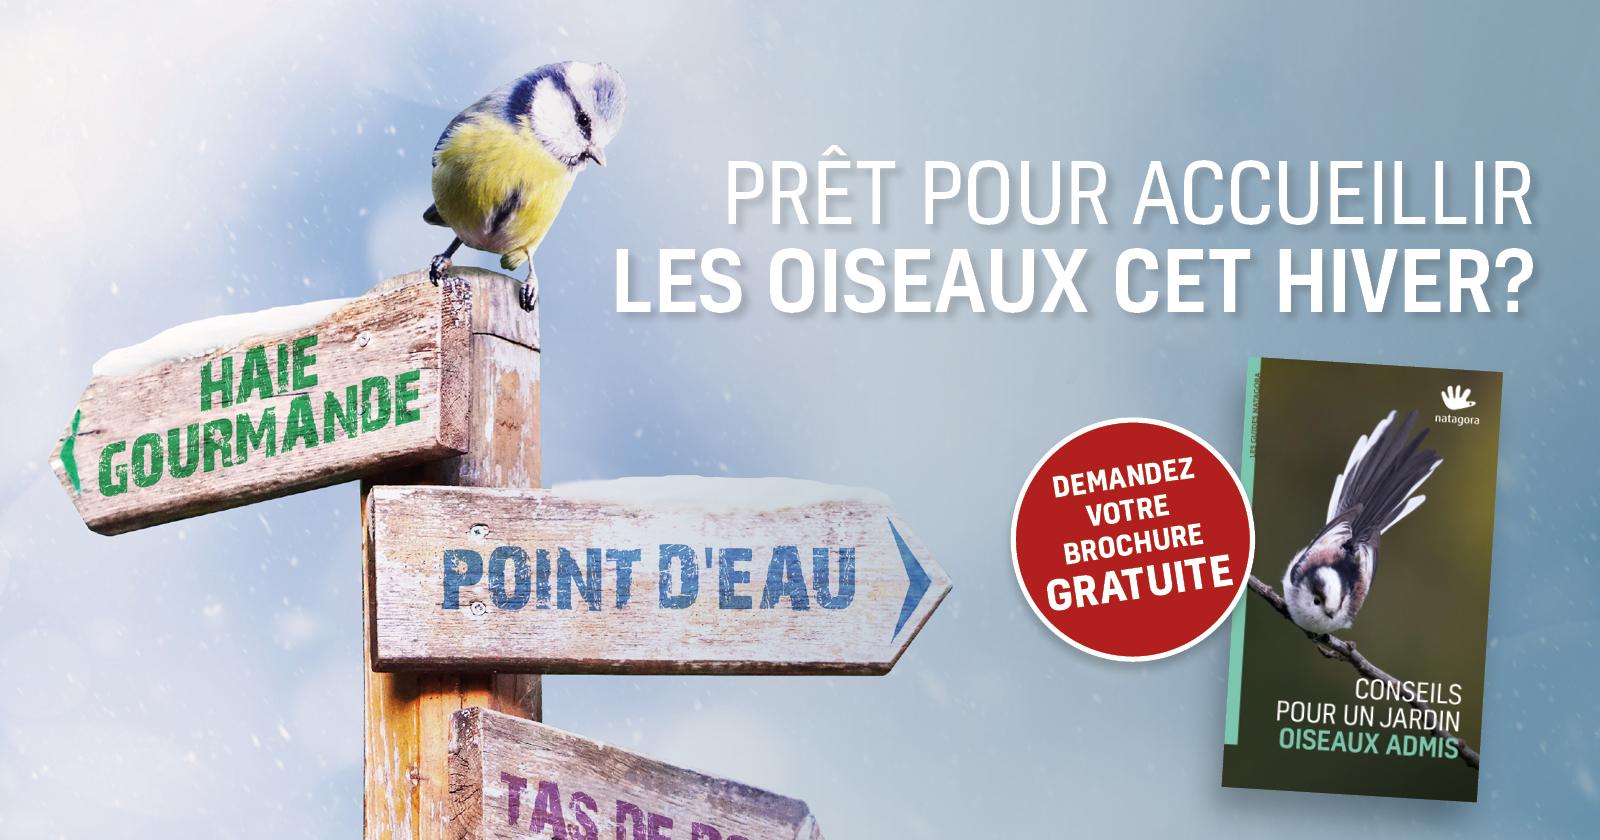 Prêt Pour Accueillir Les Oiseaux Cet Hiver ? | Natagora dedans Images D Oiseaux Gratuites